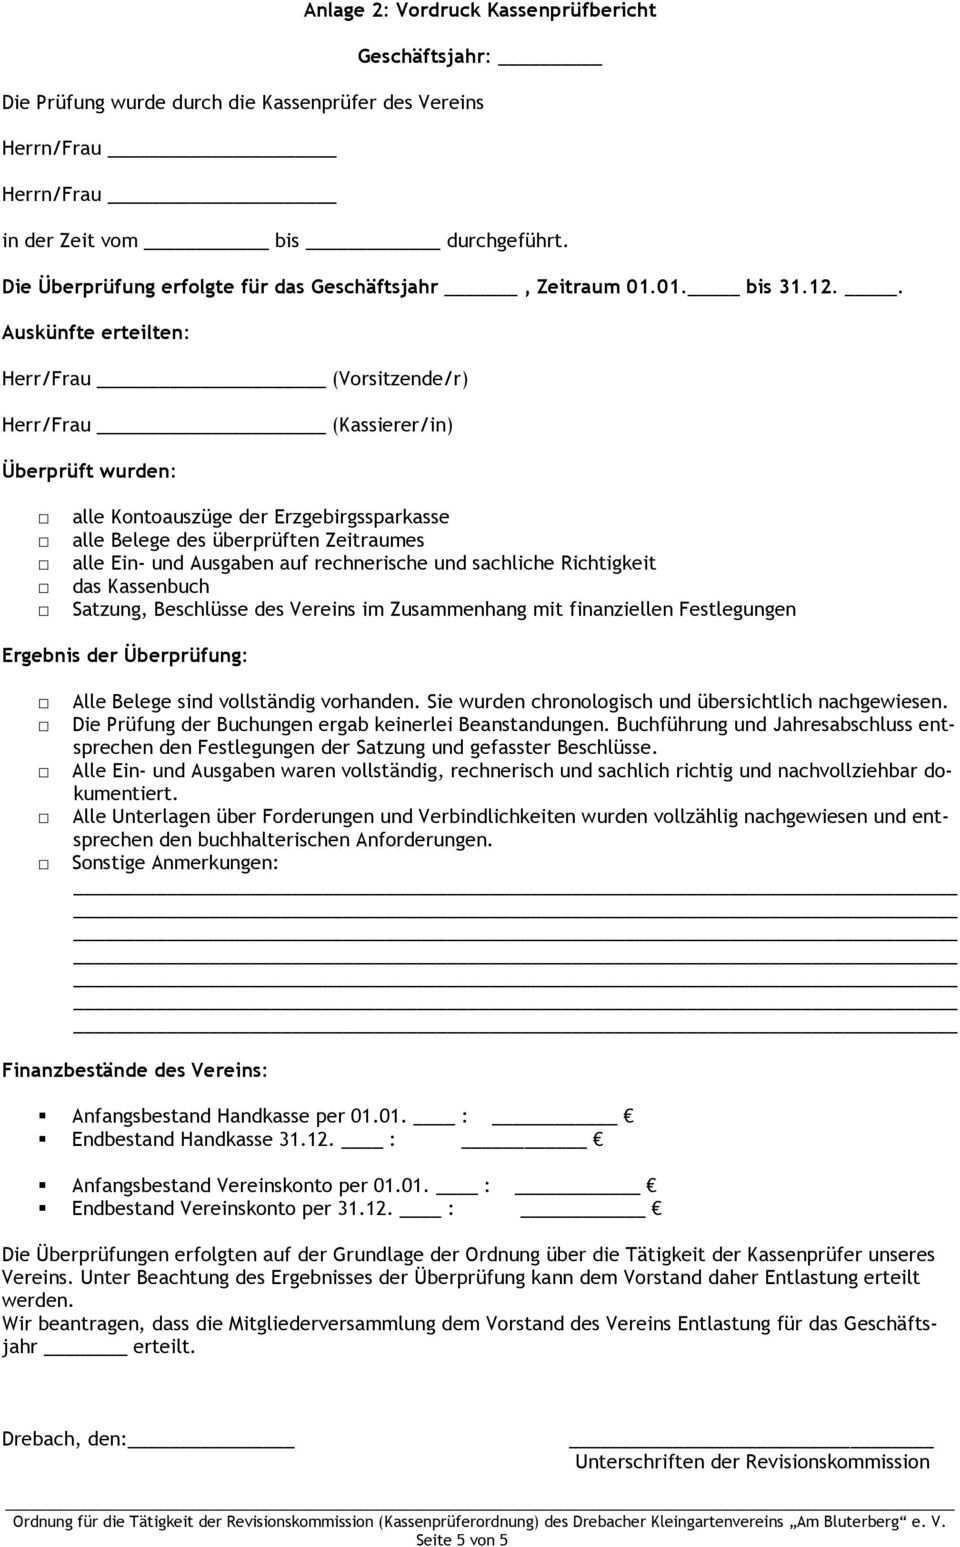 Ordnung Fur Die Tatigkeit Der Revisionskommission Kassenpruferordnung Des Drebacher Kleingartenvereins Am Bluterberg E V Pdf Kostenfreier Download